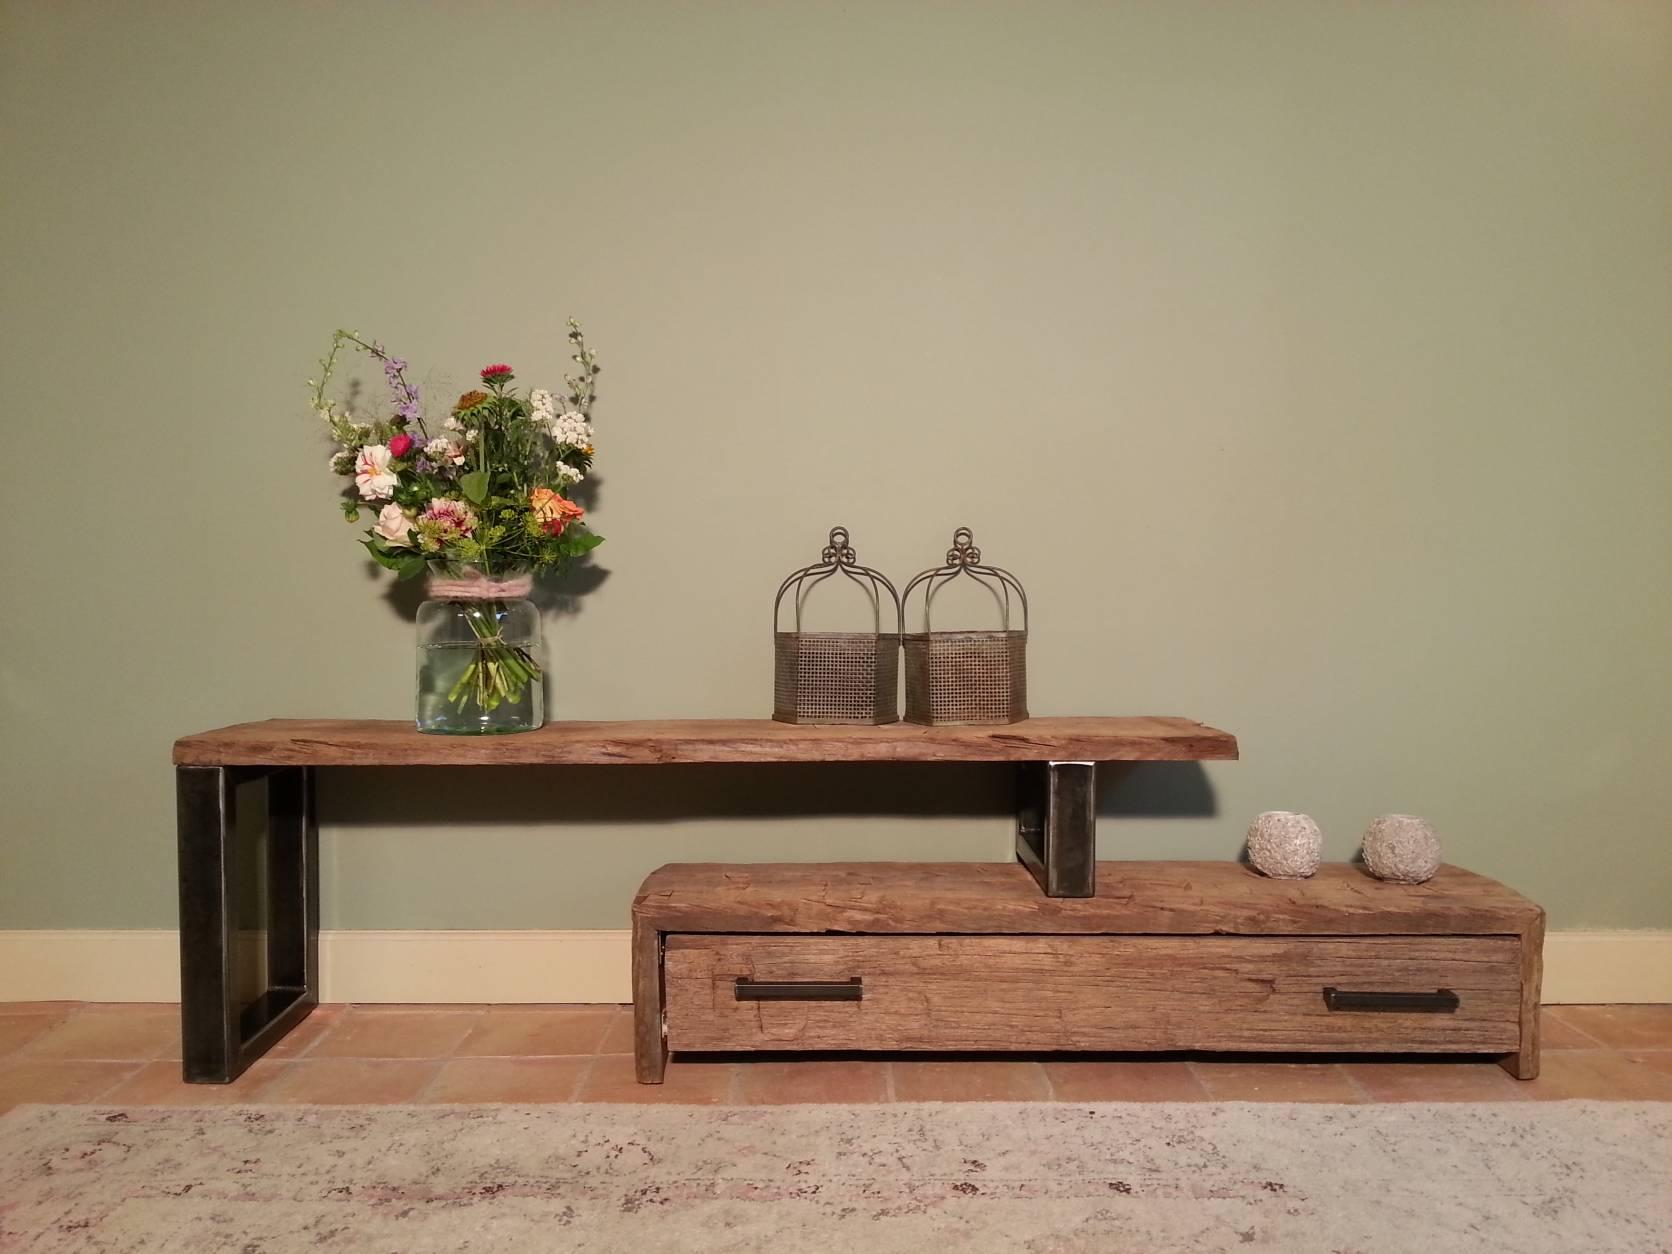 Kast Hout Staal : Kast hout staal tv meubel vintage metaal breed with kast hout